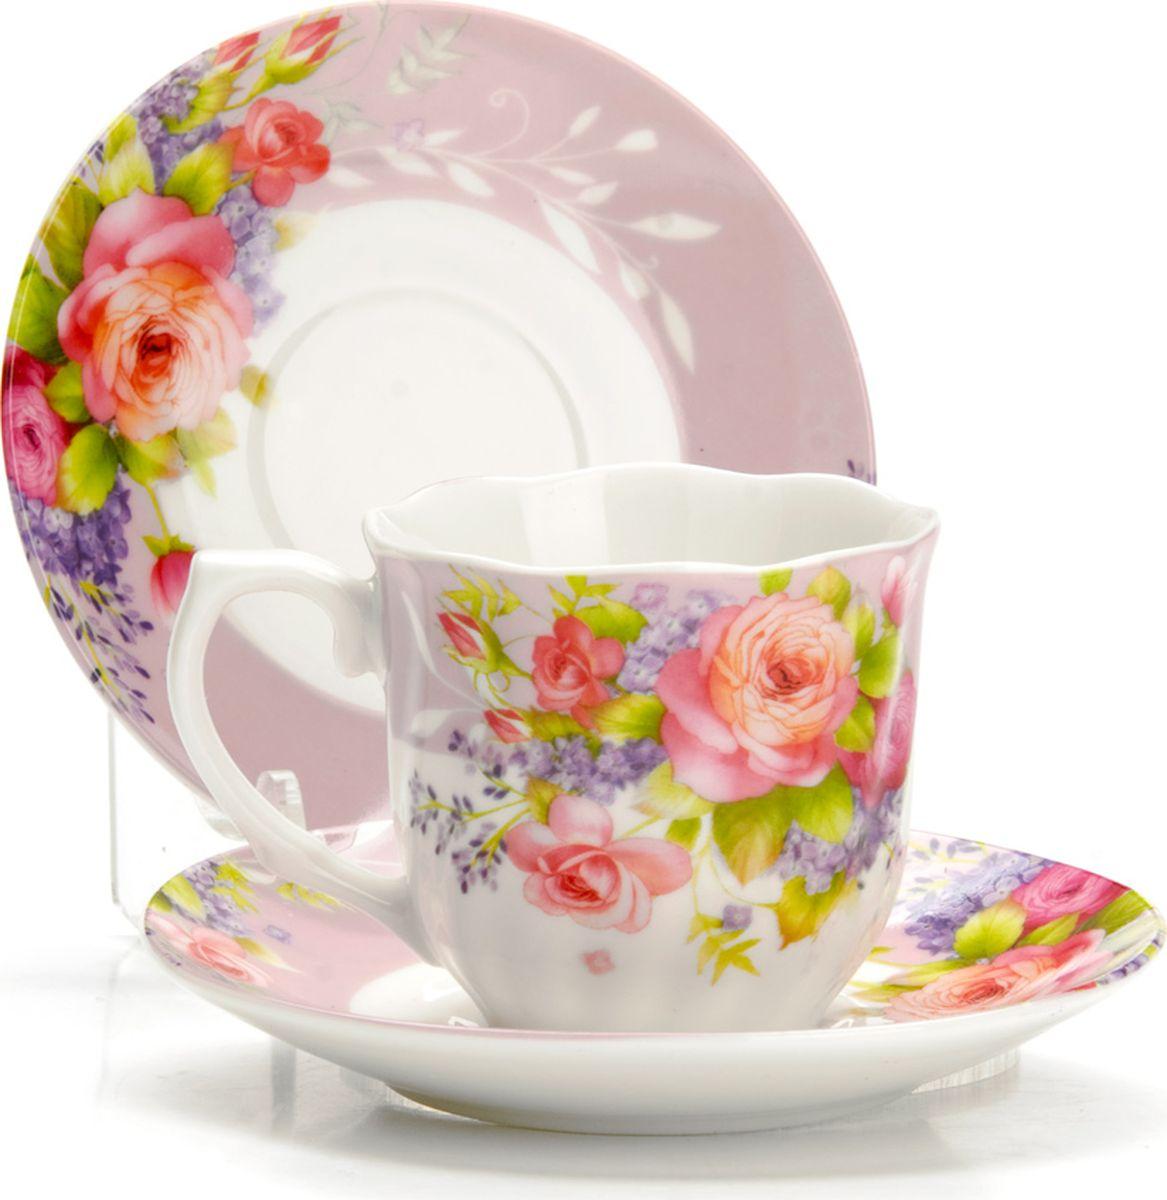 Набор кофейный Loraine, 12 предметов. 4333225960Кофейный сервиз на 6 персон изготовлен из качественного фарфора и оформлен красивым цветочным рисунком. Элегантный и удобный кофейный сервиз не только украсит сервировку стола, но и поднимет настроение и превратит процесс чаепития в одно удовольствие.Сервиз состоит из 12 предметов: шести чашек и шести блюдец, упакованных в подарочную коробку. Чашки имеют удобную, изящную ручку. Изделия легко и просто мыть. Кофейный сервиз прекрасно подойдет в качестве подарка для родных и друзей на любой праздник!Диаметр чашки: 6 см.Высота чашки: 5,5 см.Объем чашки: 80 мл.Диаметр блюдца: 11 см.